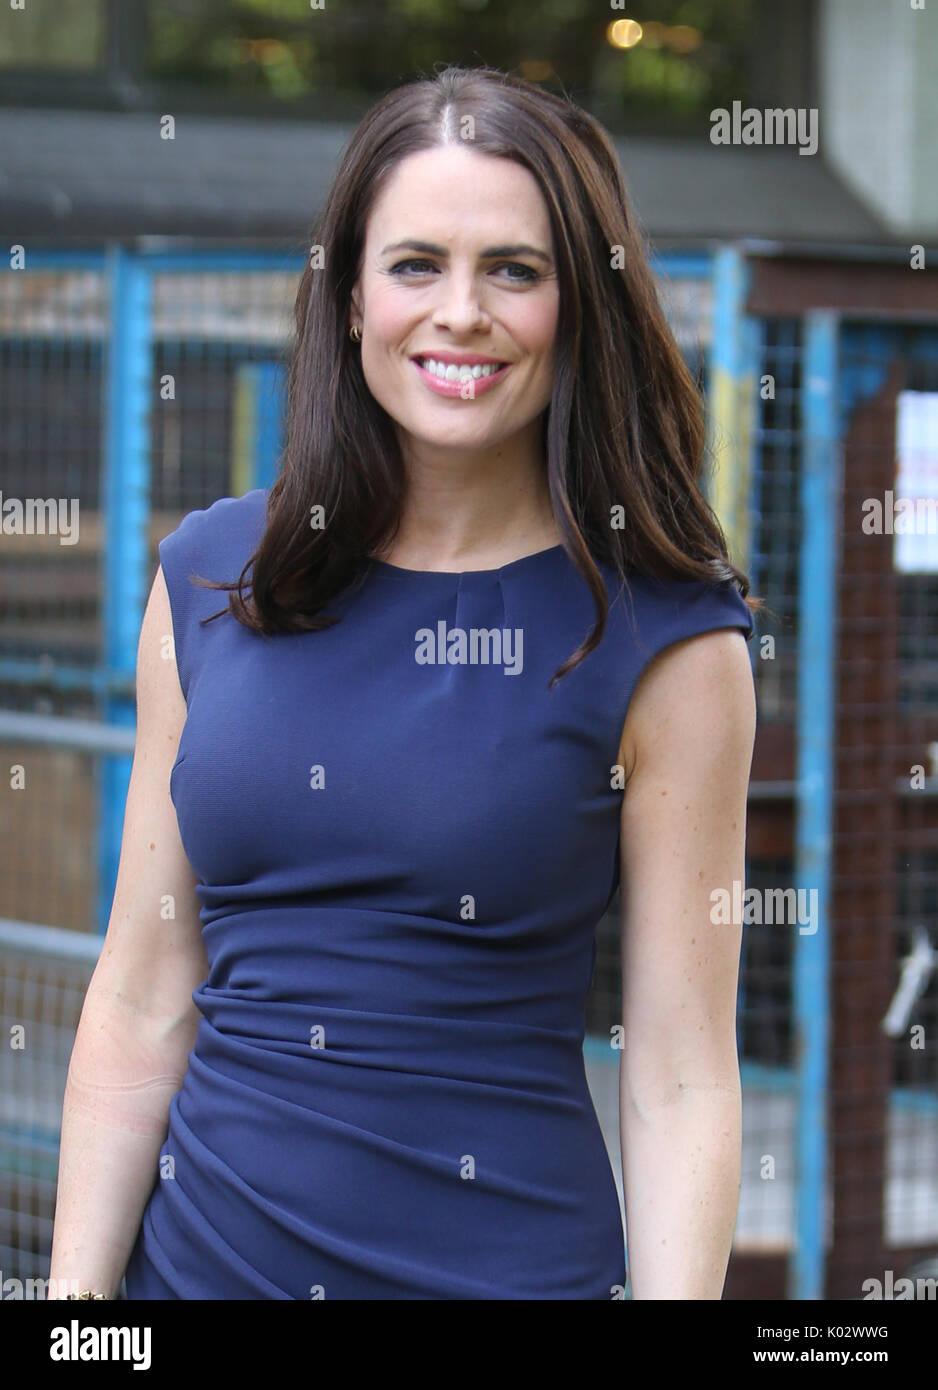 Suzy amy Nude Photos 27